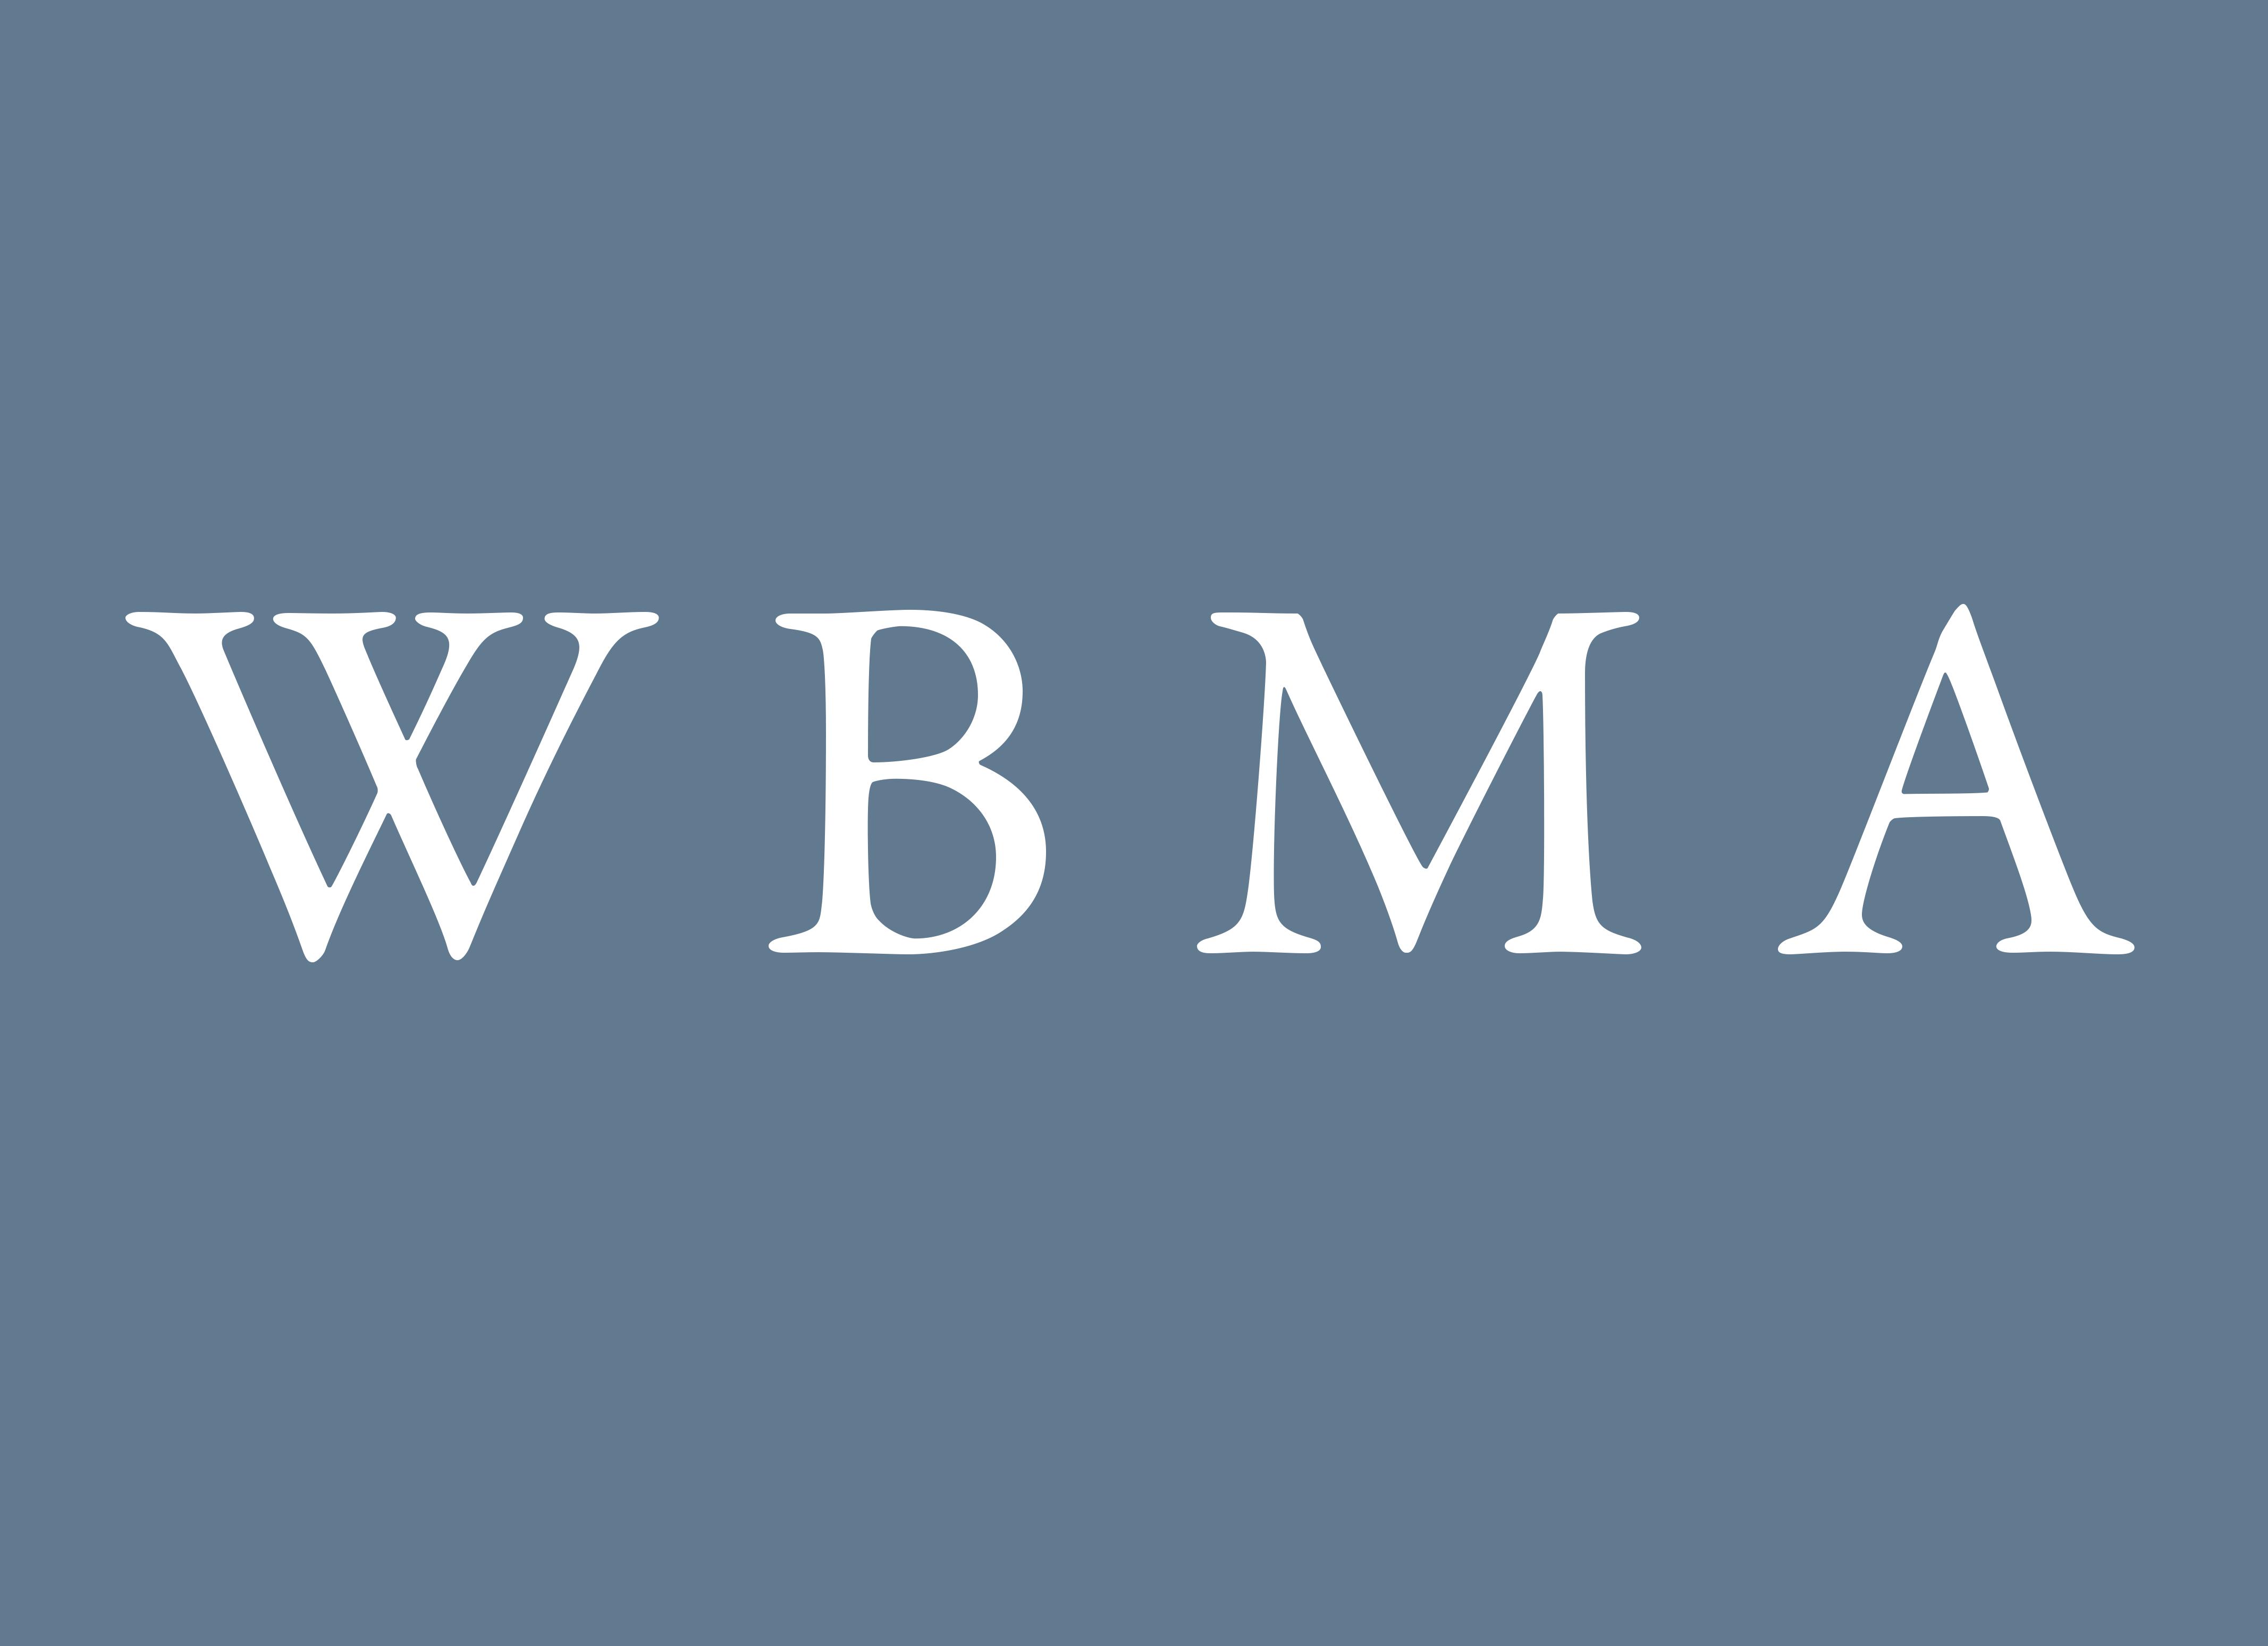 WBMA logo on homepage grid